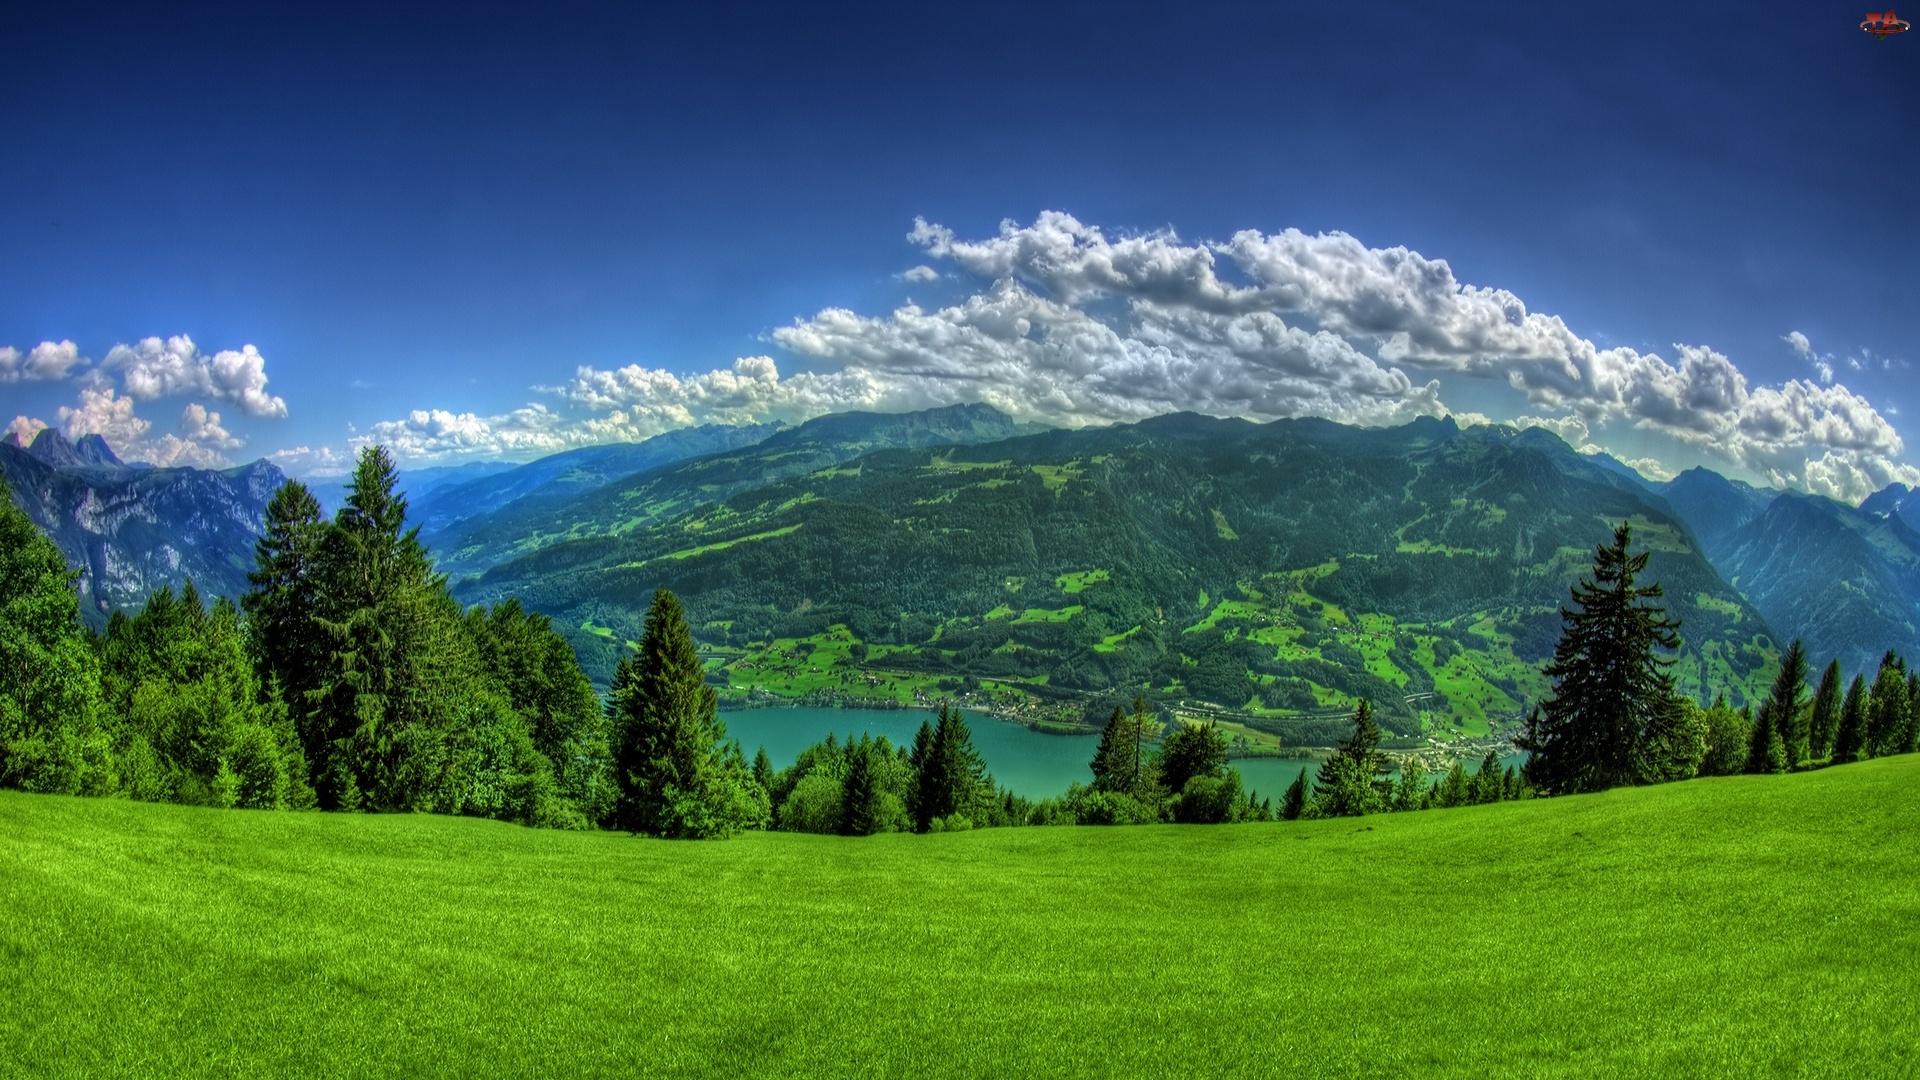 chmury, Góry, łąka, zielona, drzewa